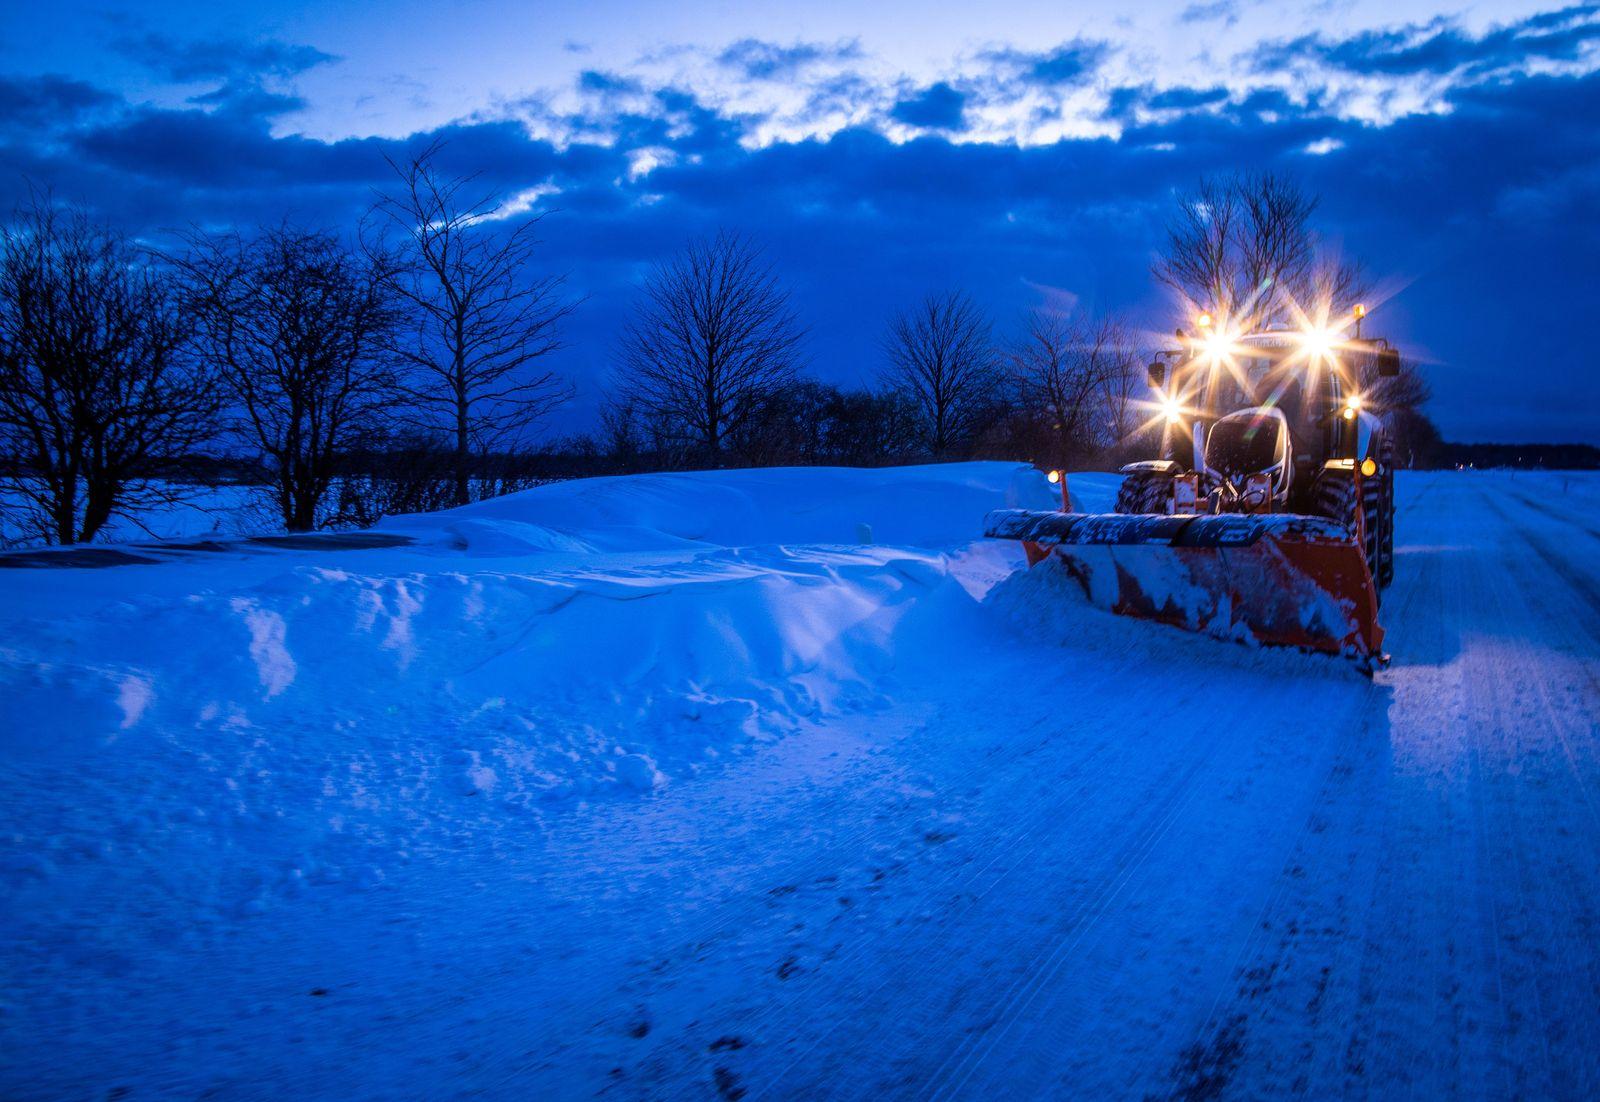 Winterwetter - Mecklenburg-Vorpommern